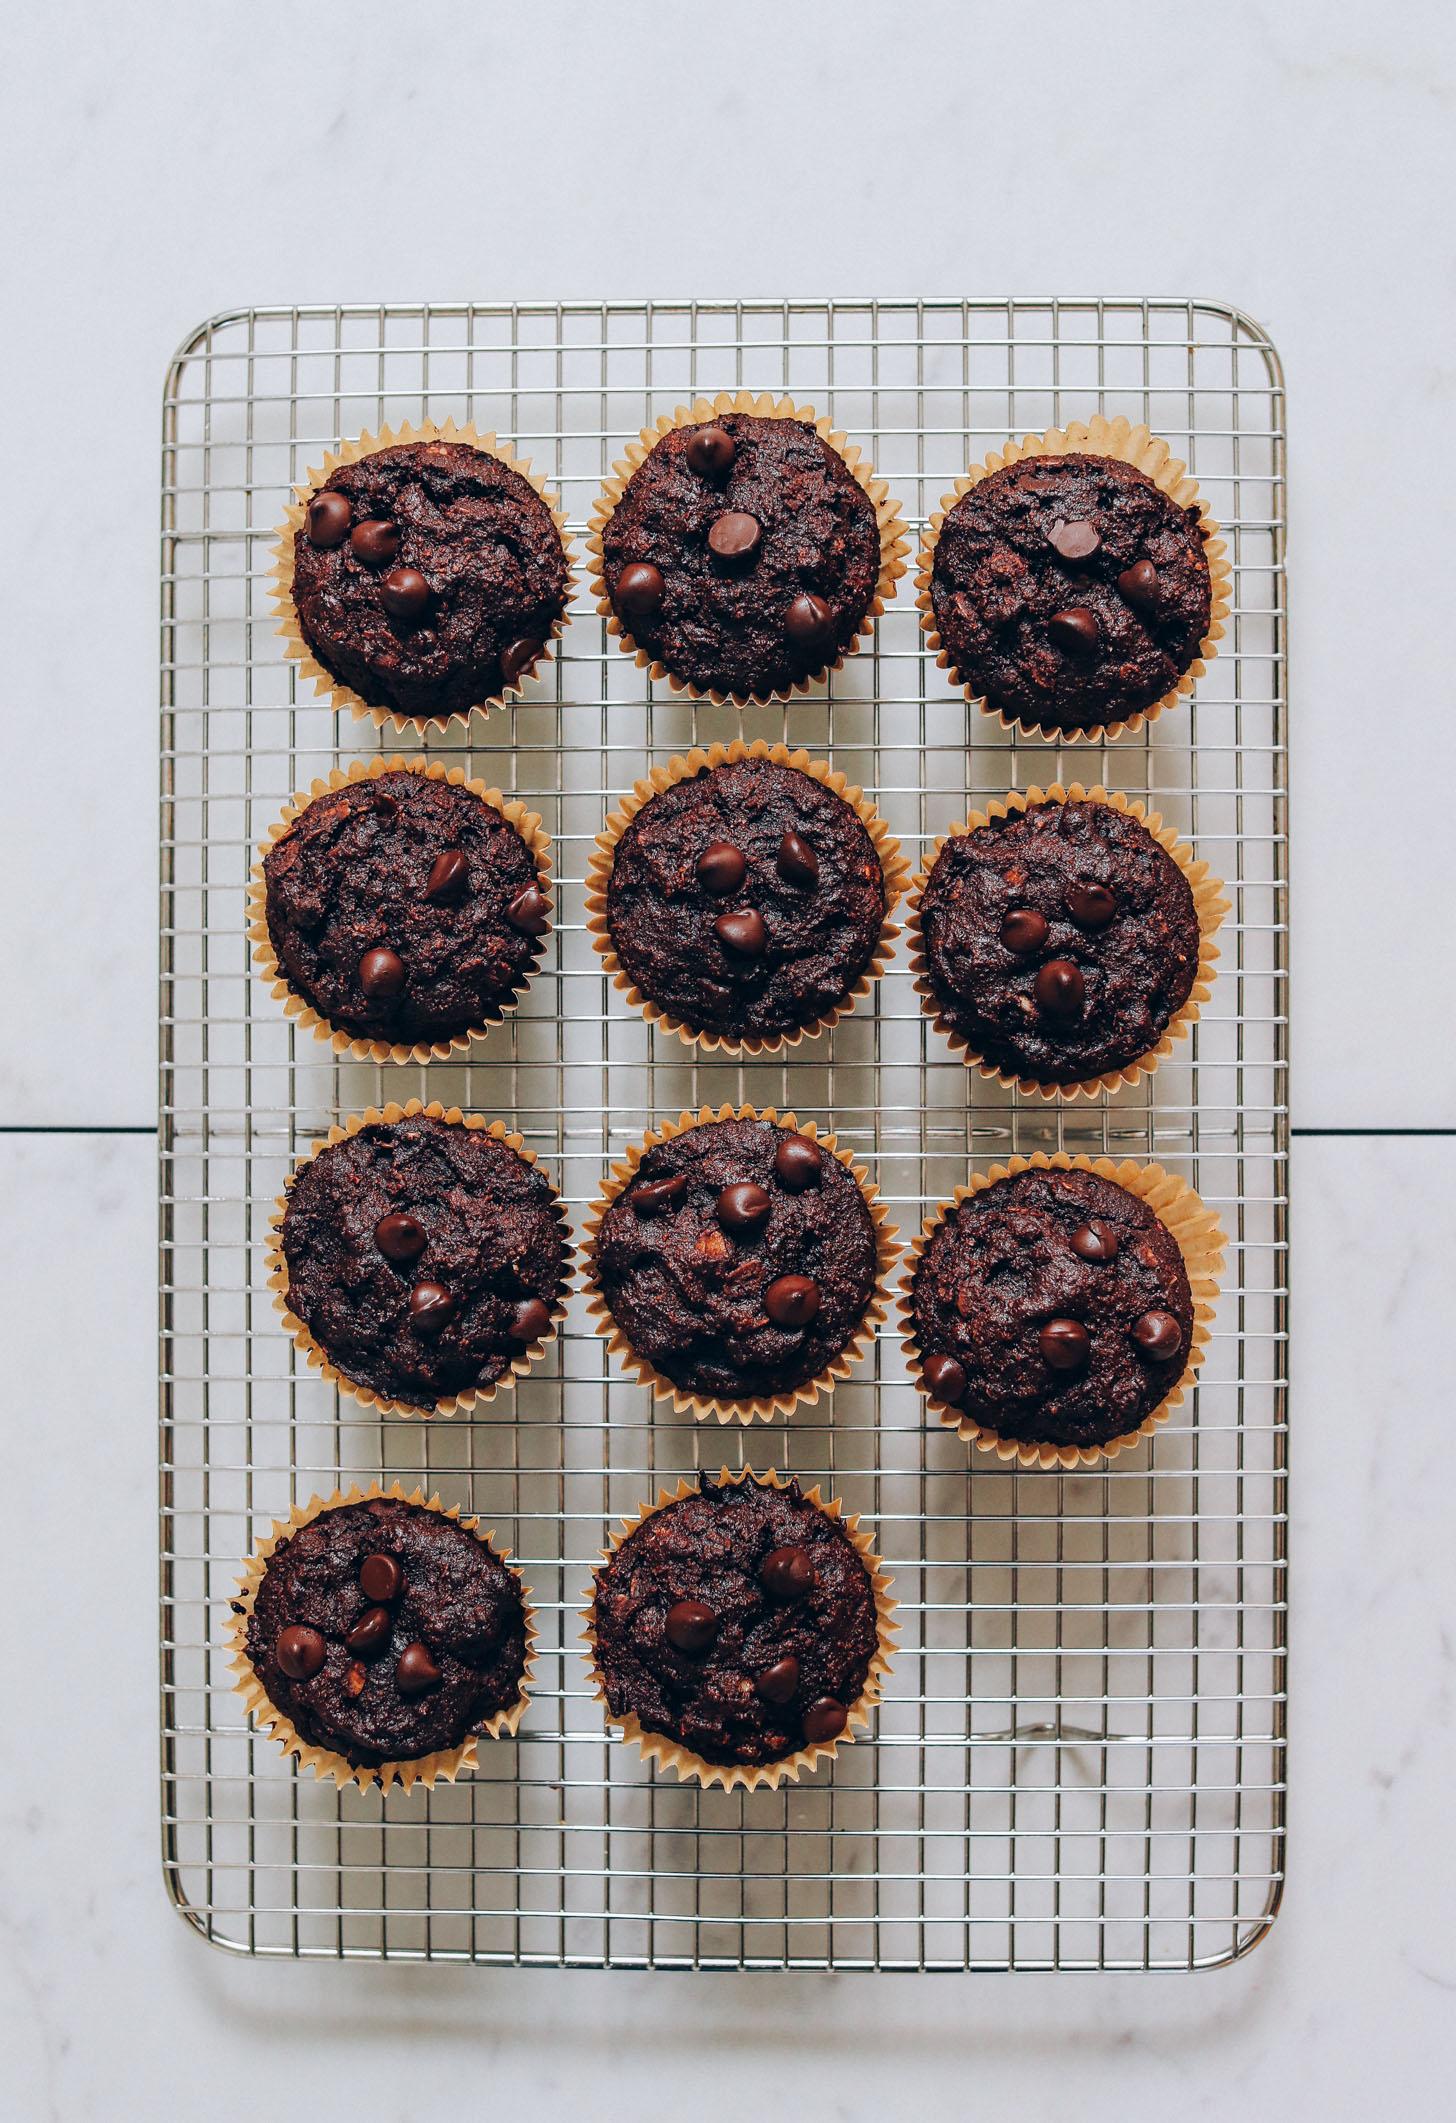 Parrilla de enfriamiento con un lote de nuestra receta de muffins de chocolate y plátano Fudgy